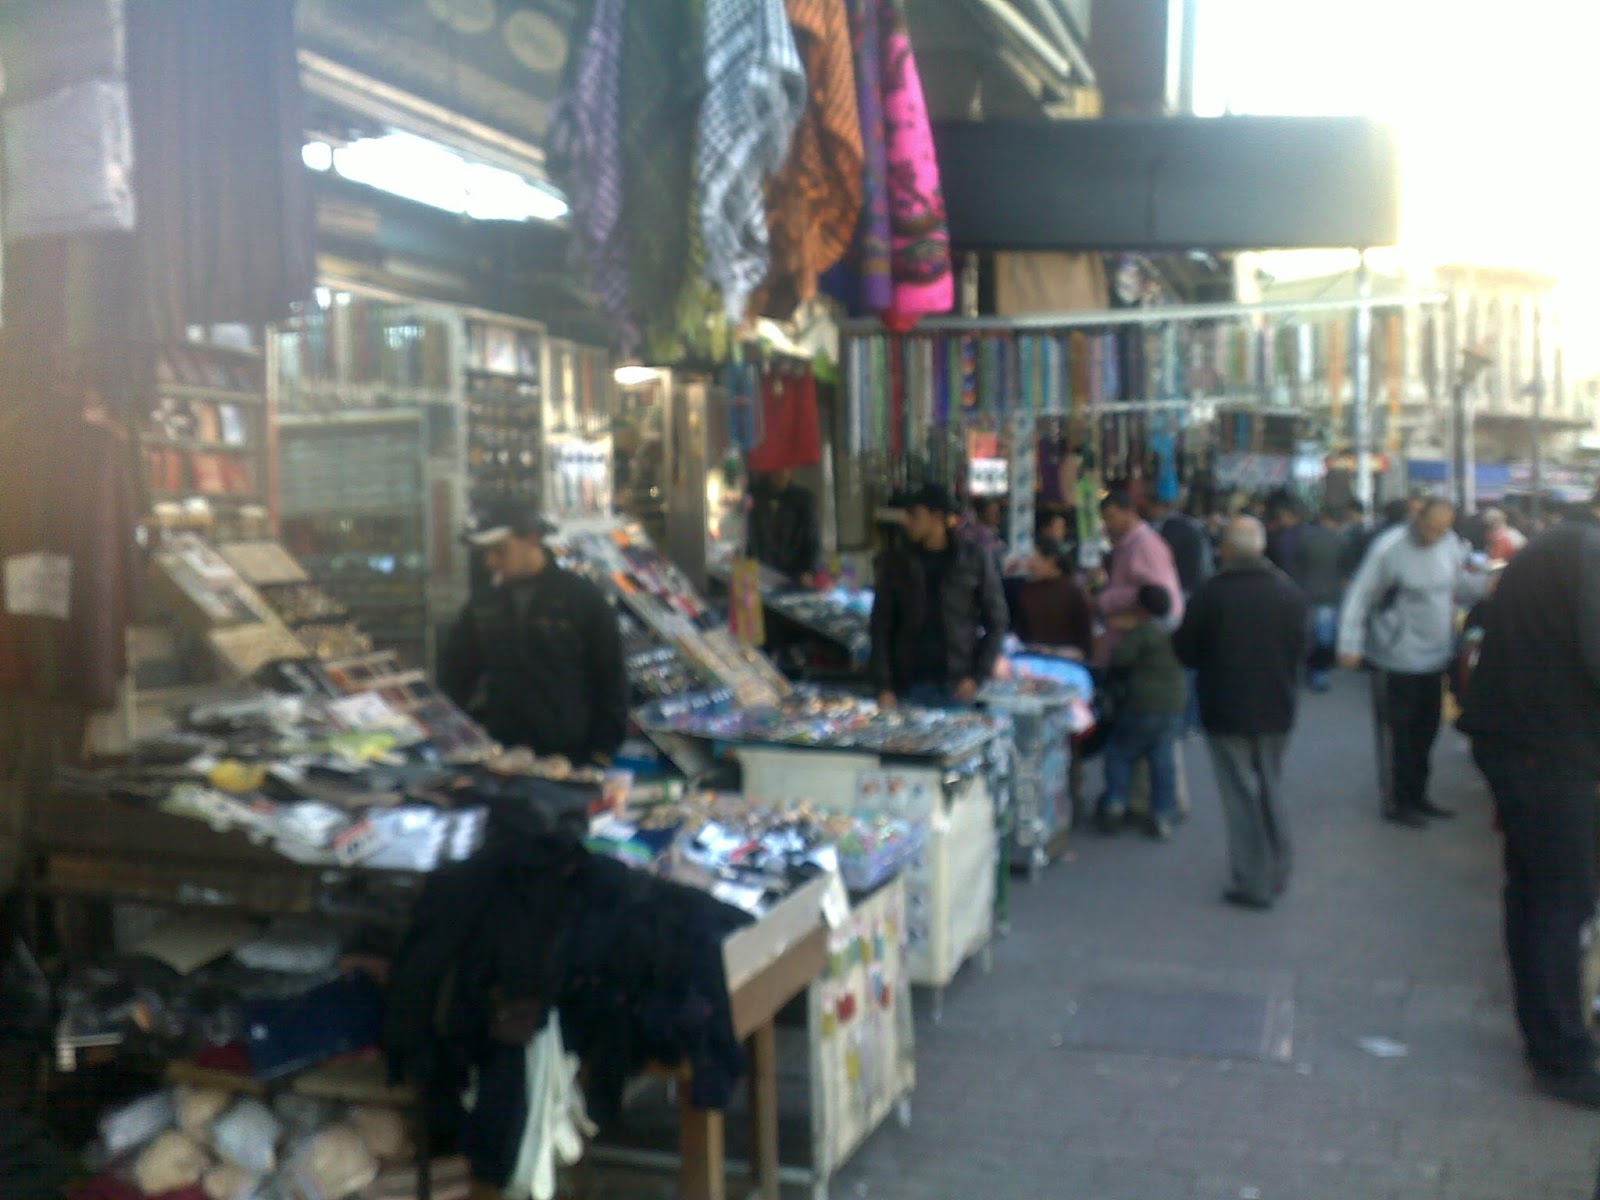 7d397b19ddbb4 تجولت في سوق الخضار في وسط عمان الاردن اصوات وأهازيج وصراخ عجيب وعال جدا